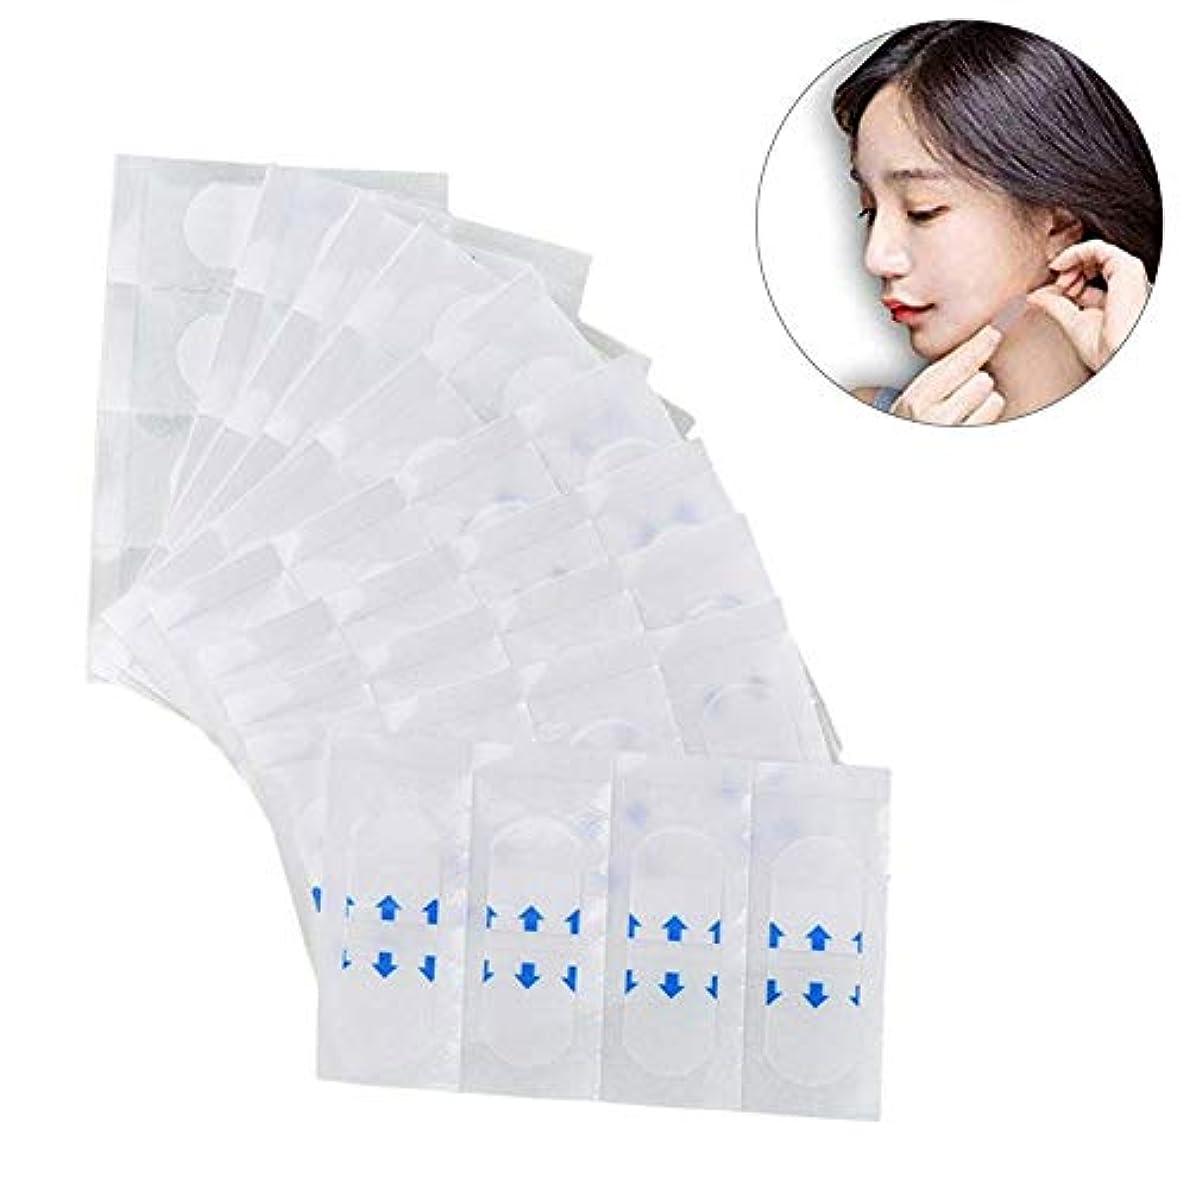 エンドテーブル曲げるフラグラントメーキャップツール、メイクアップ用透明テープ、顔のためのテープ、顔のステッカー、顎のリフト美容ツールの目に見えないステッカー, 40PCS/PACK